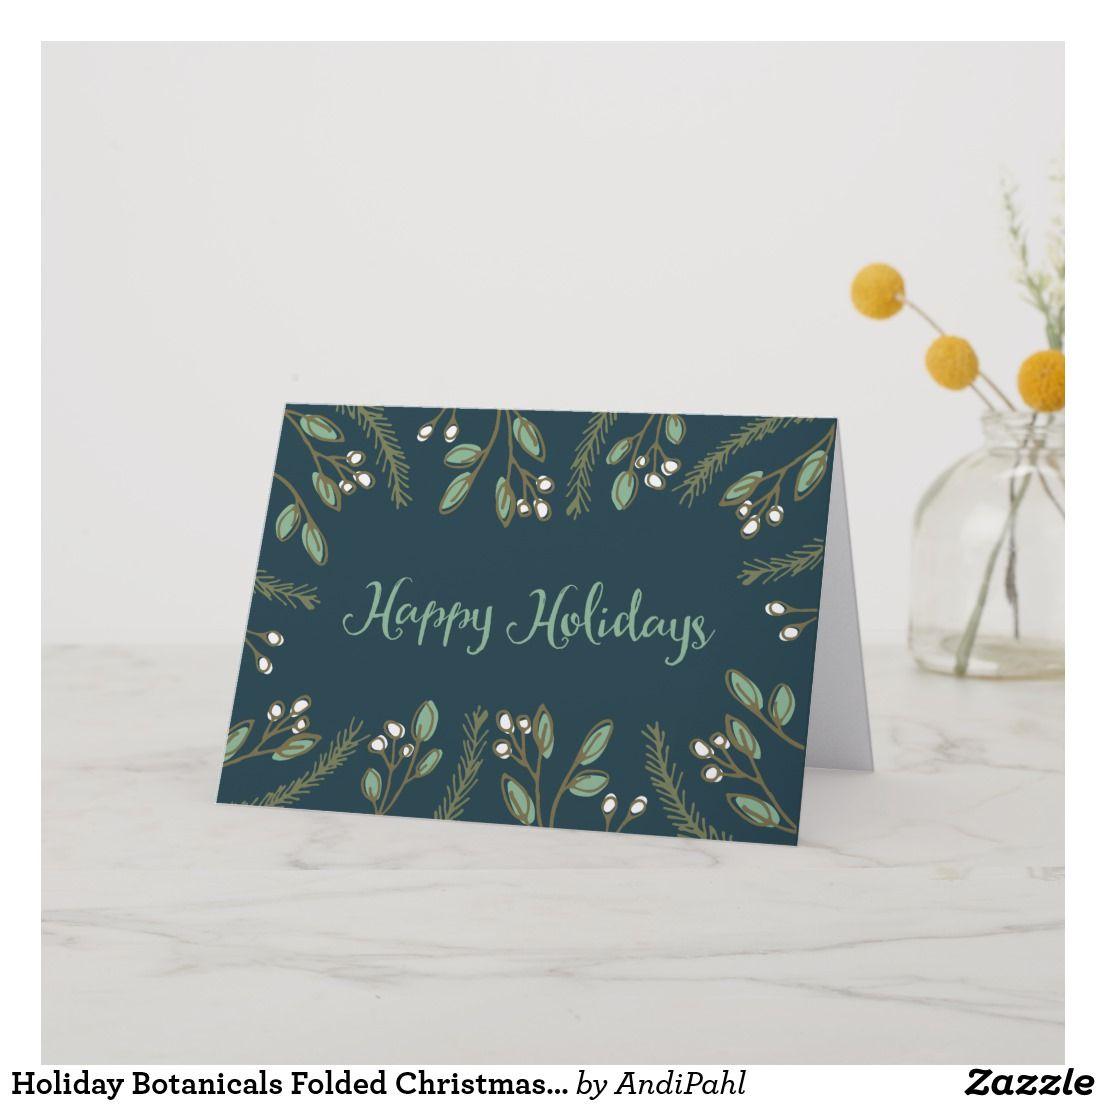 Holiday Botanicals Folded Christmas Card Holiday Botancials